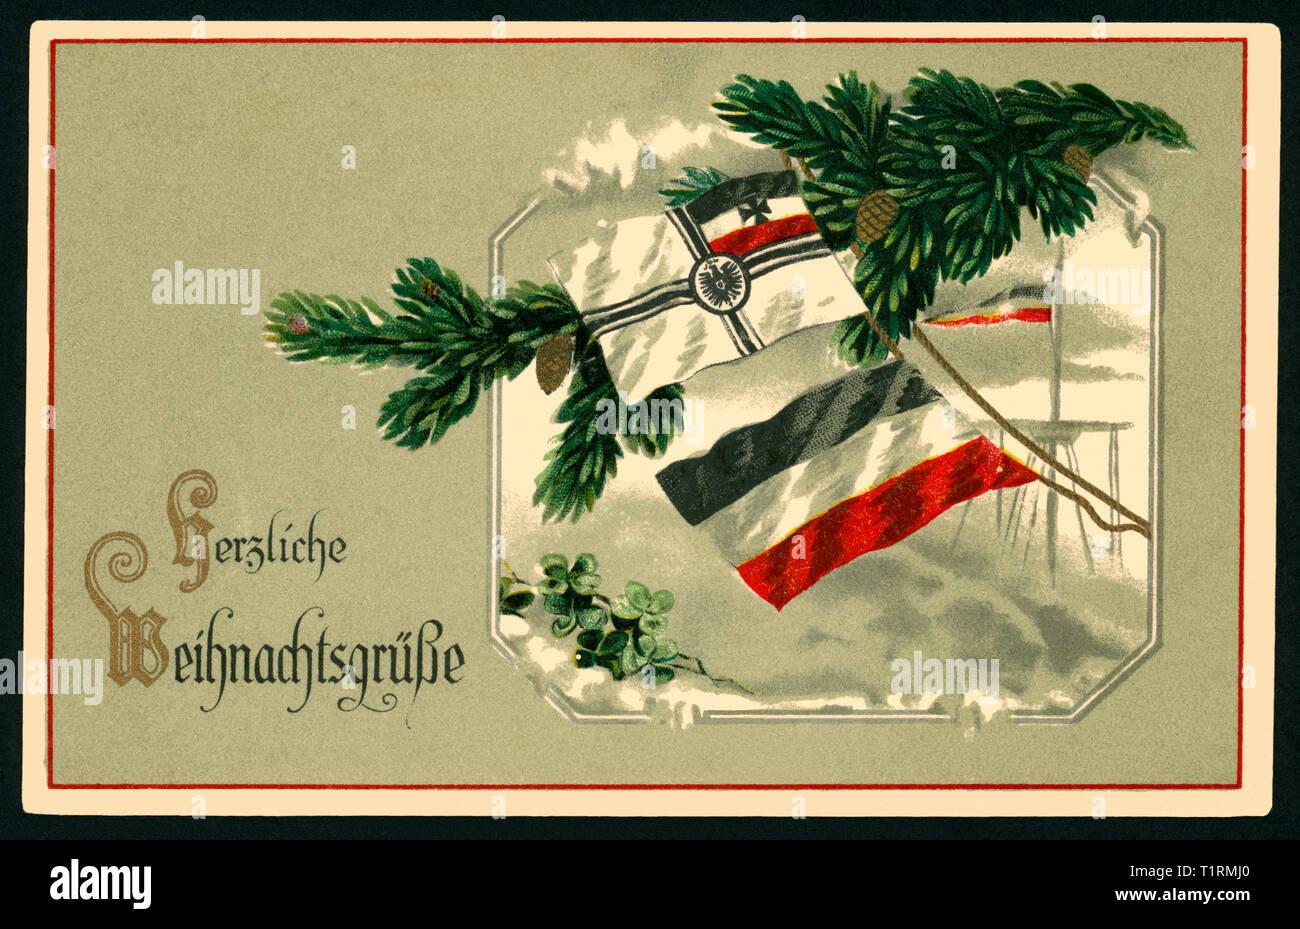 Weihnachtsgrüße Postkarte.Deutschland Hamburg Wk I Propaganda Patriotischen Weihnachten